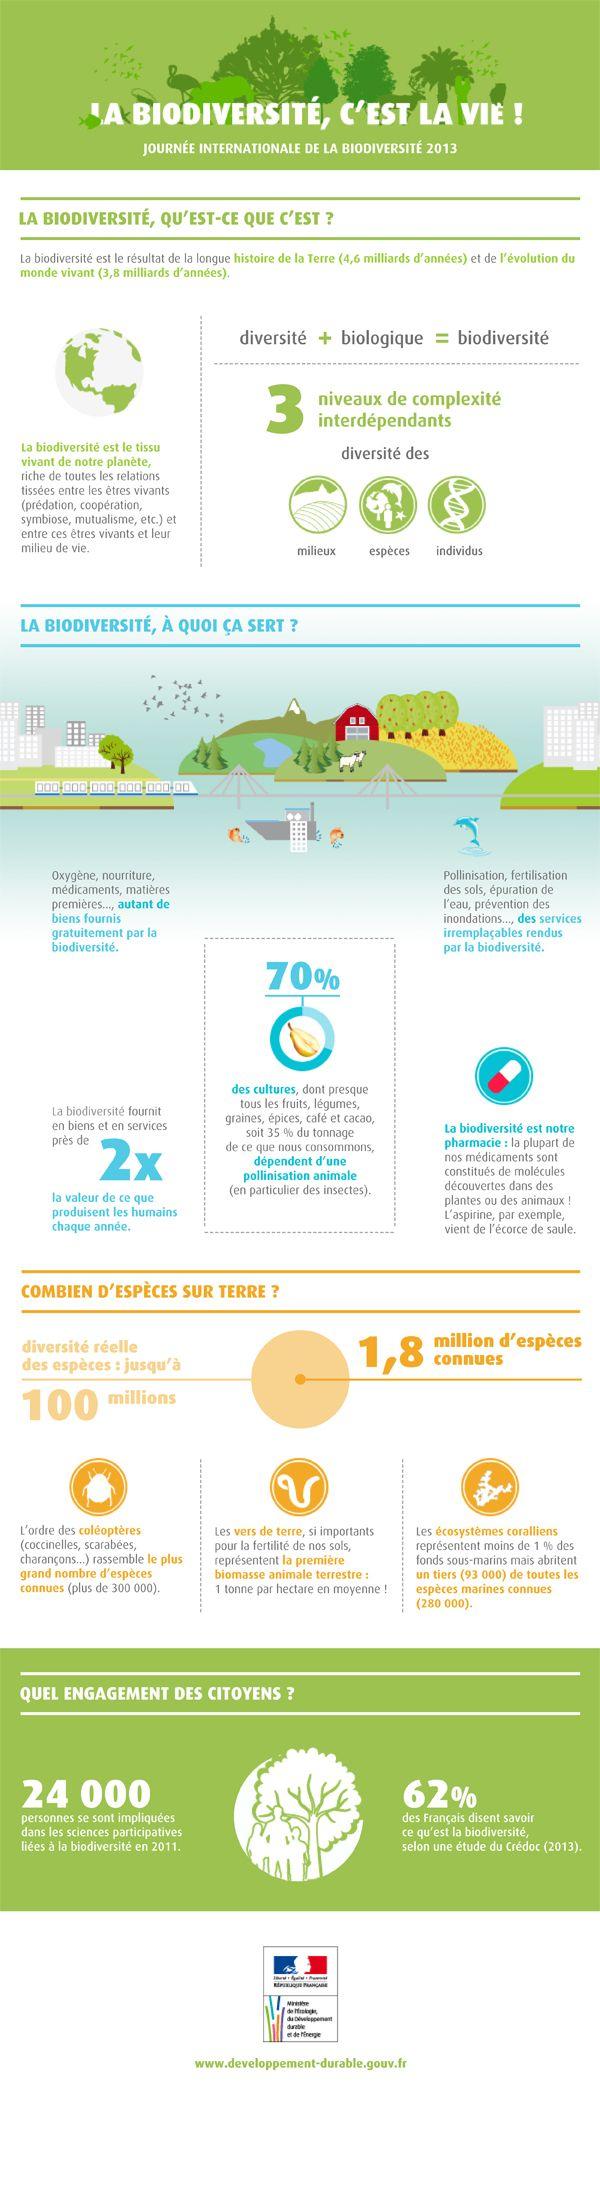 infographie sur la biodiversité réalisée par le ministère du développement durable